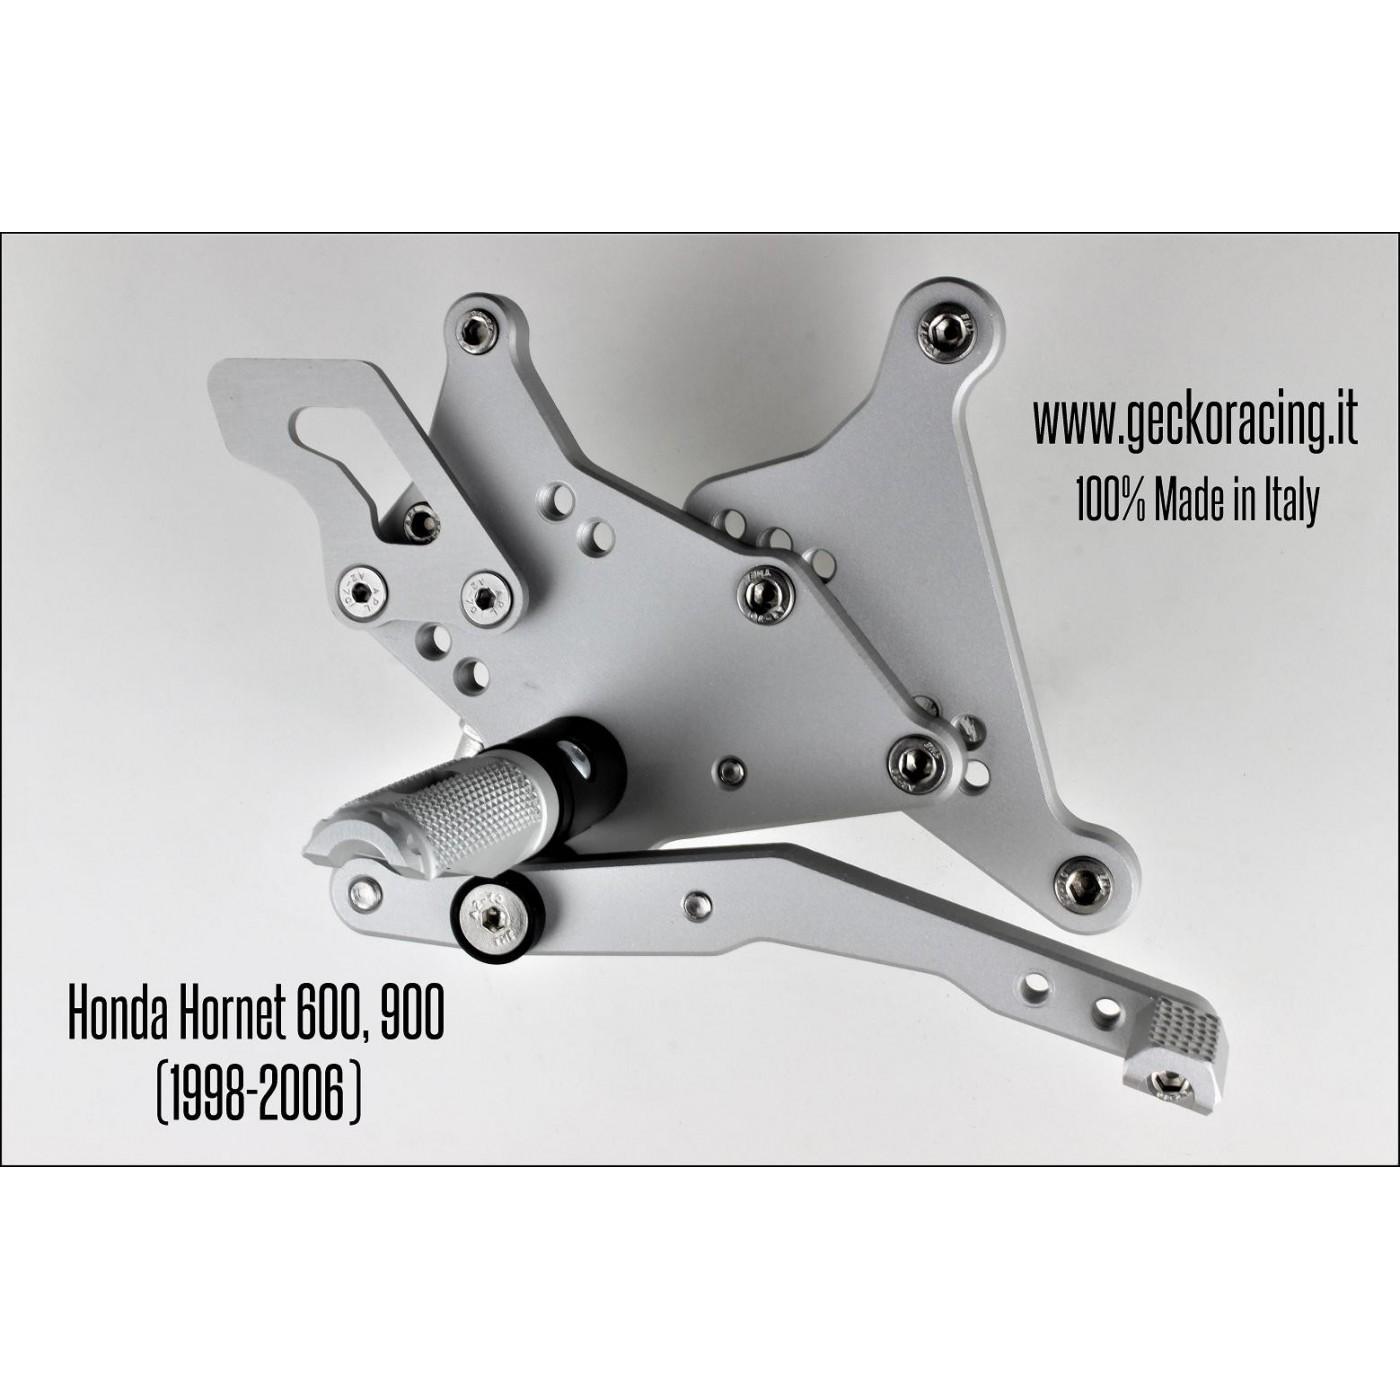 Pedane arretrate regolabili Honda Hornet 600, 900 Freno